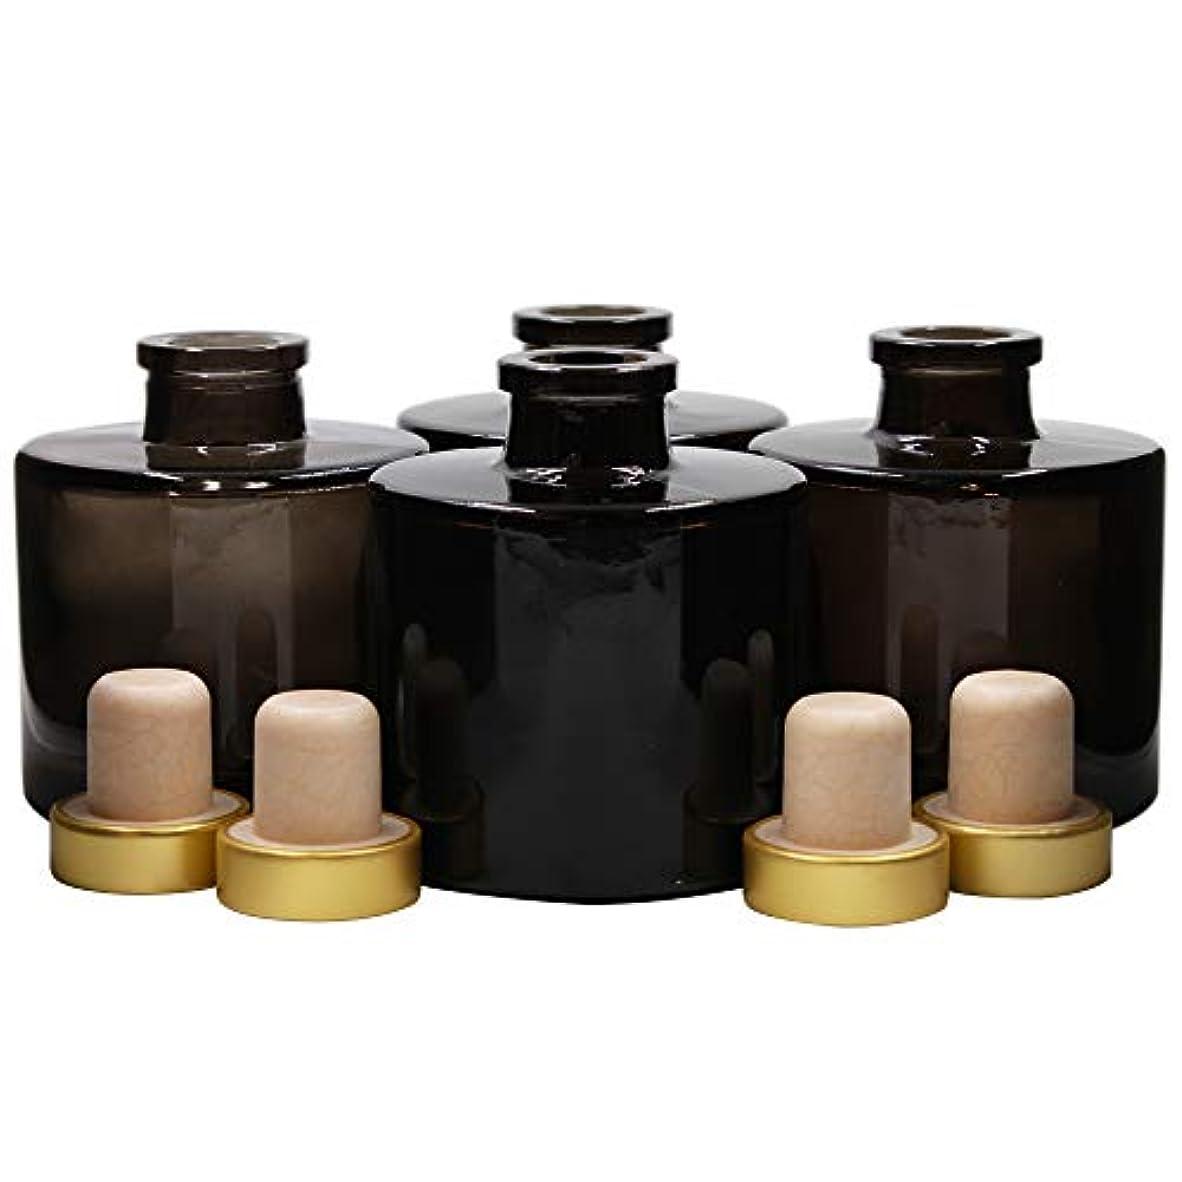 勝利賛美歌詩人Feel Fragrance リードディフューザー用 リードディフューザーボトル 容器 黒色 蓋付き 4本セット (100ML円形)